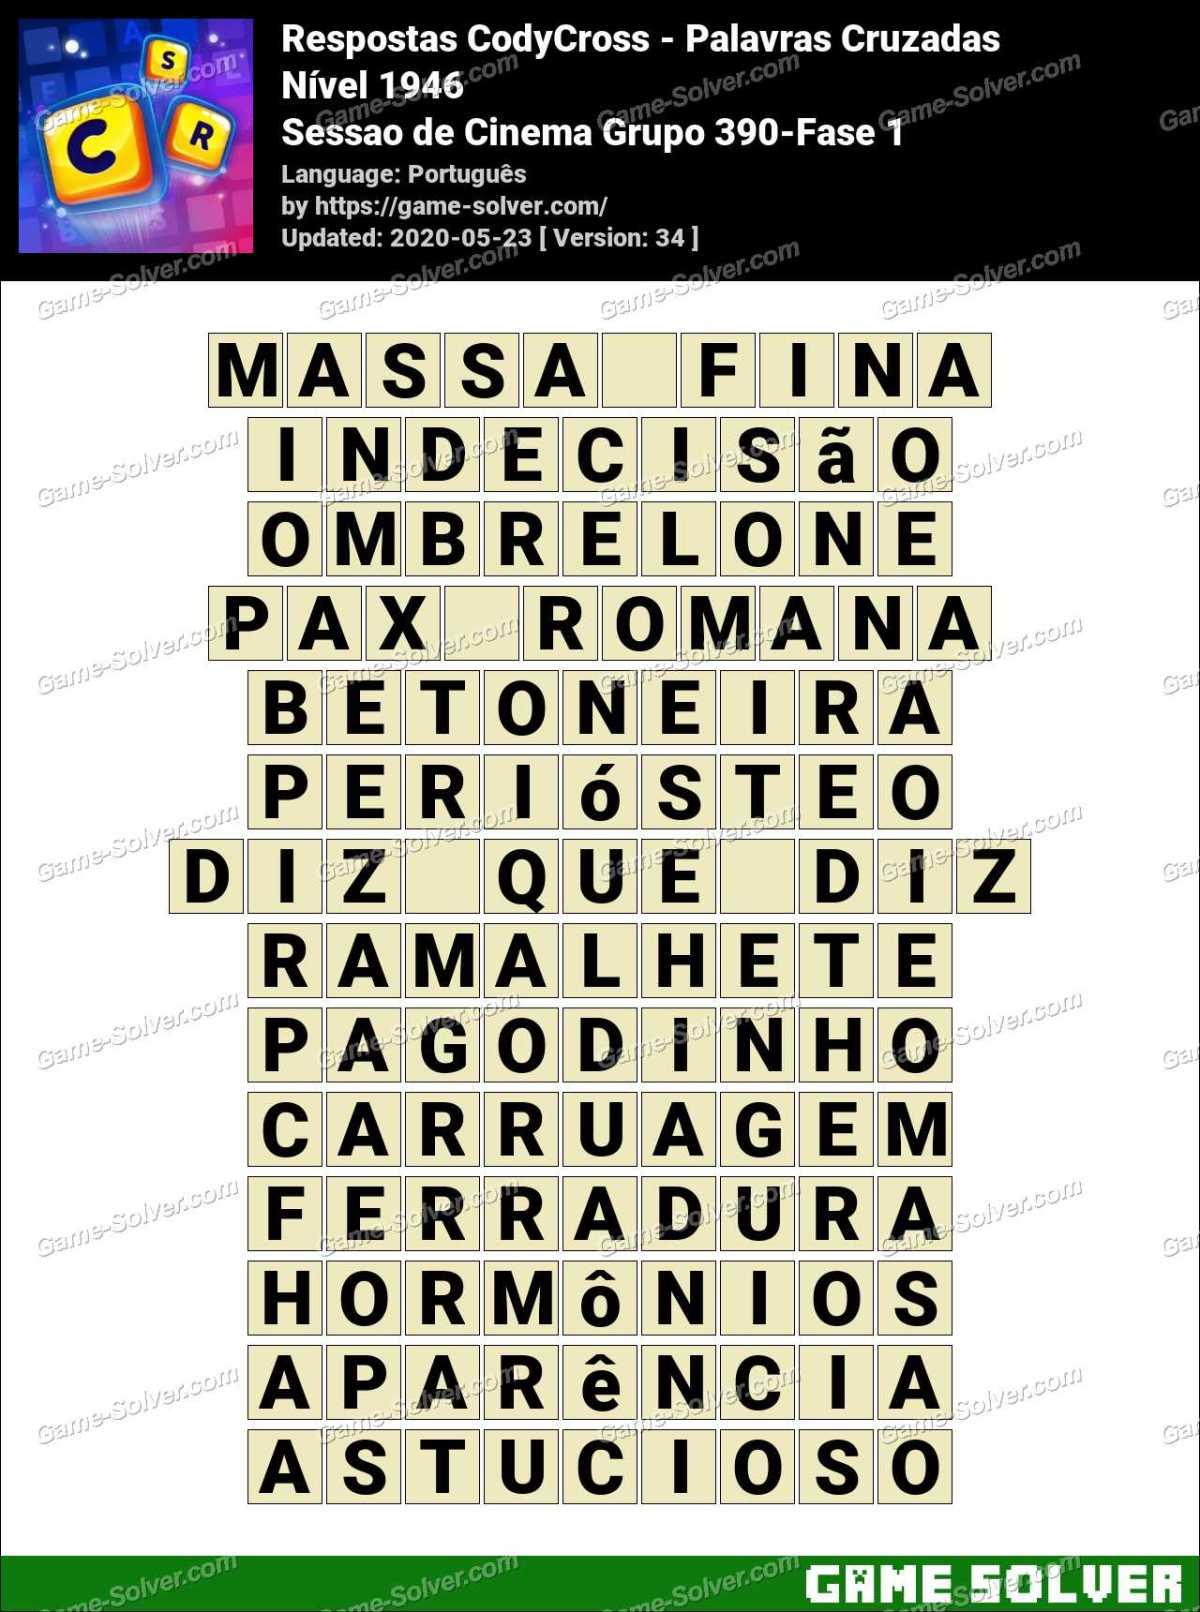 Respostas CodyCross Sessao de Cinema Grupo 390-Fase 1